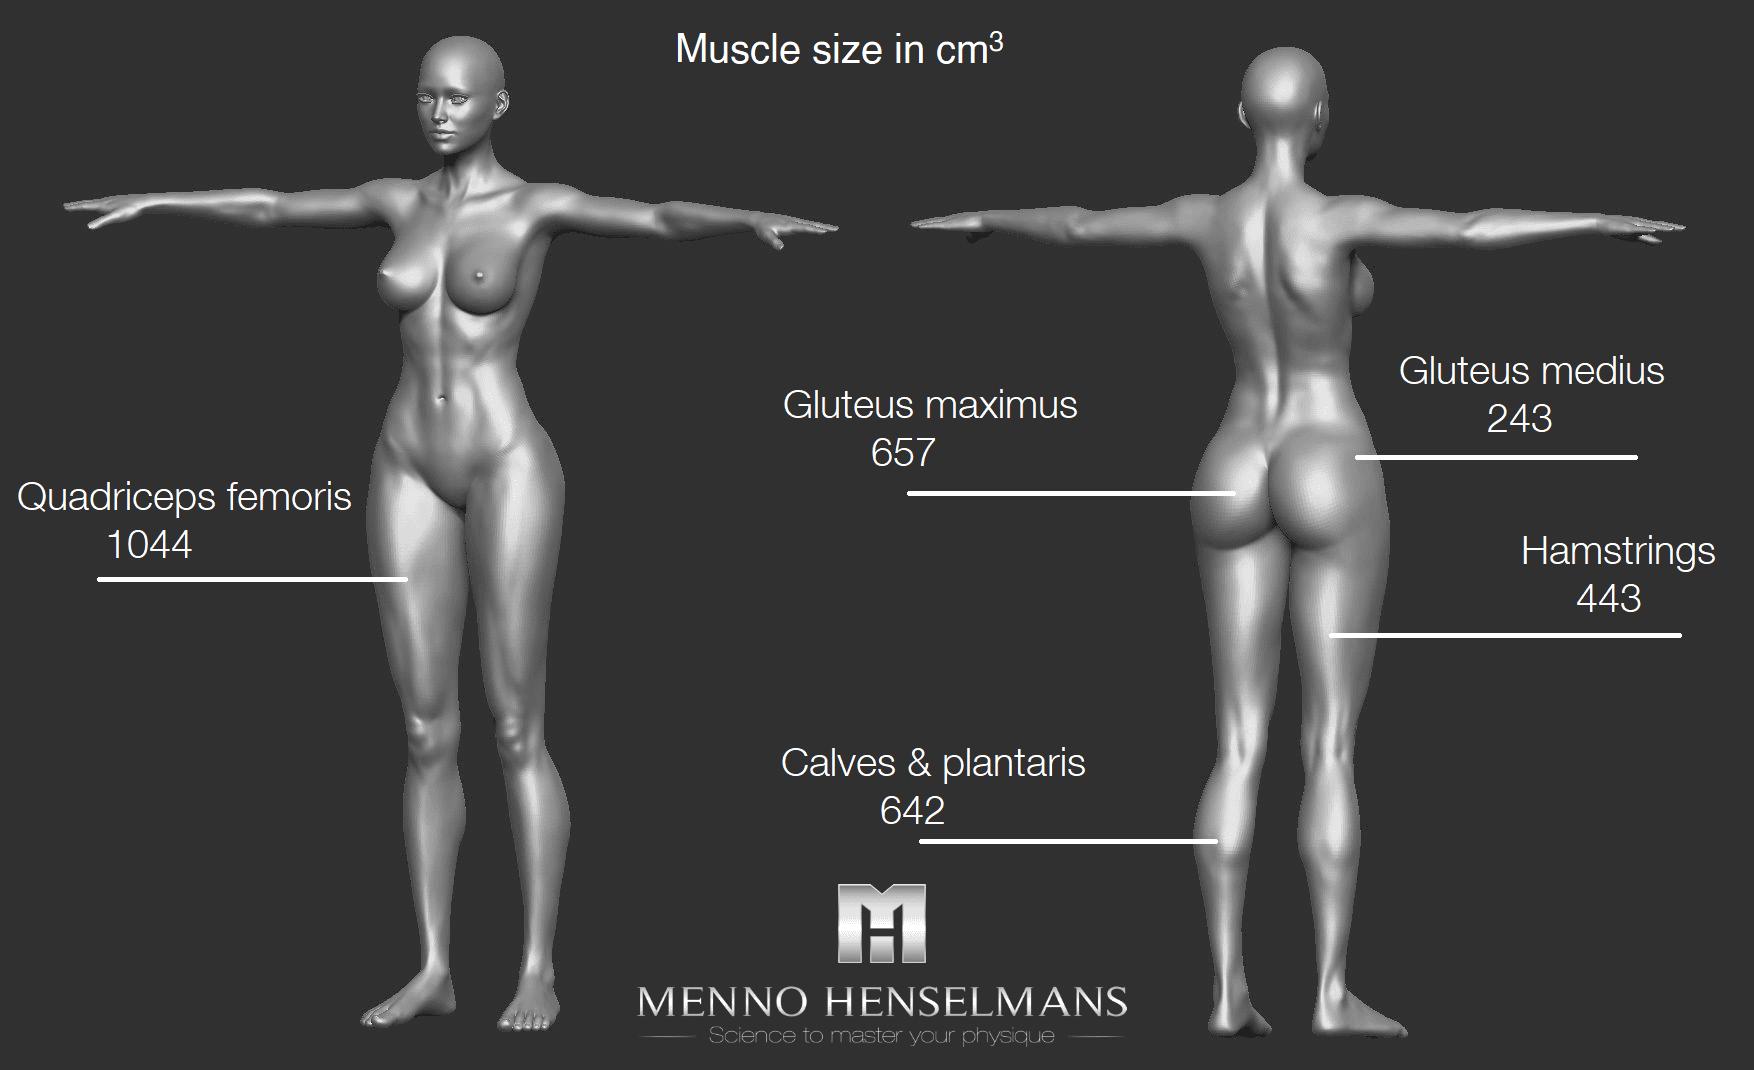 muscle size of each muscle women